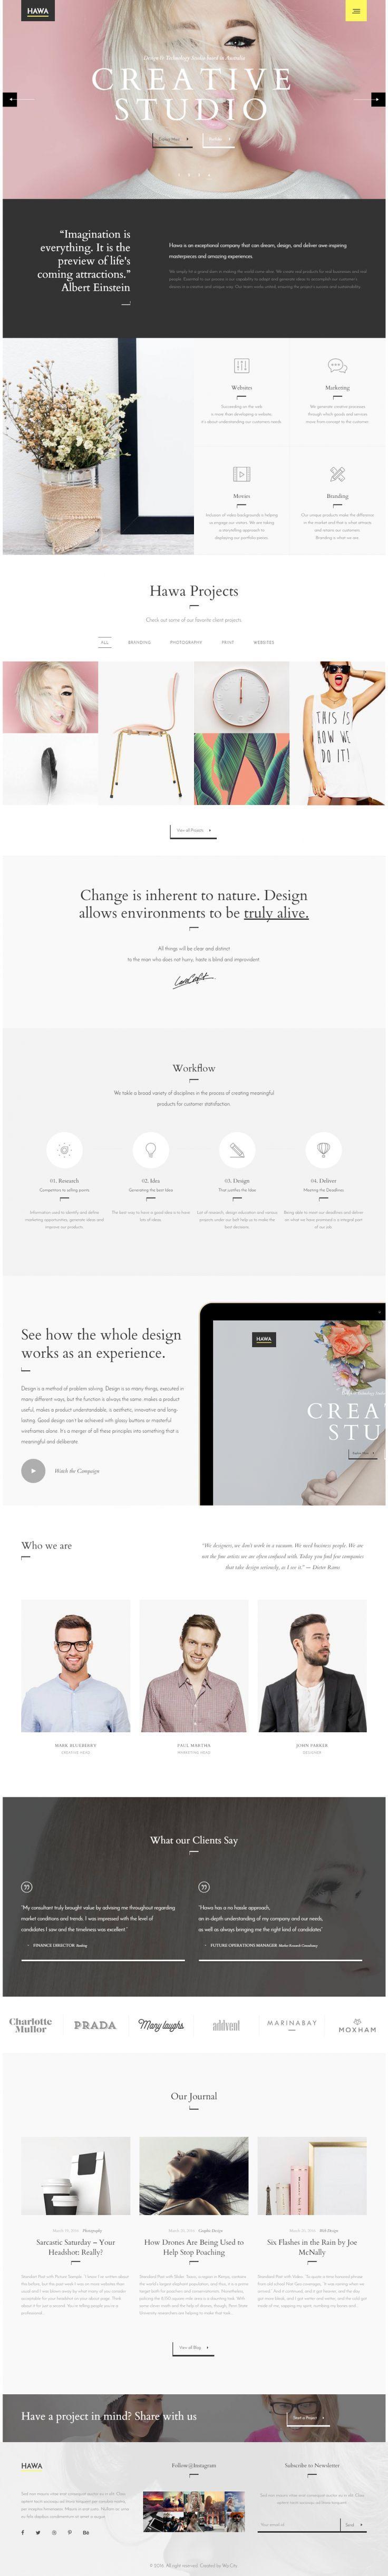 Hawa – A Hot Creative Design on